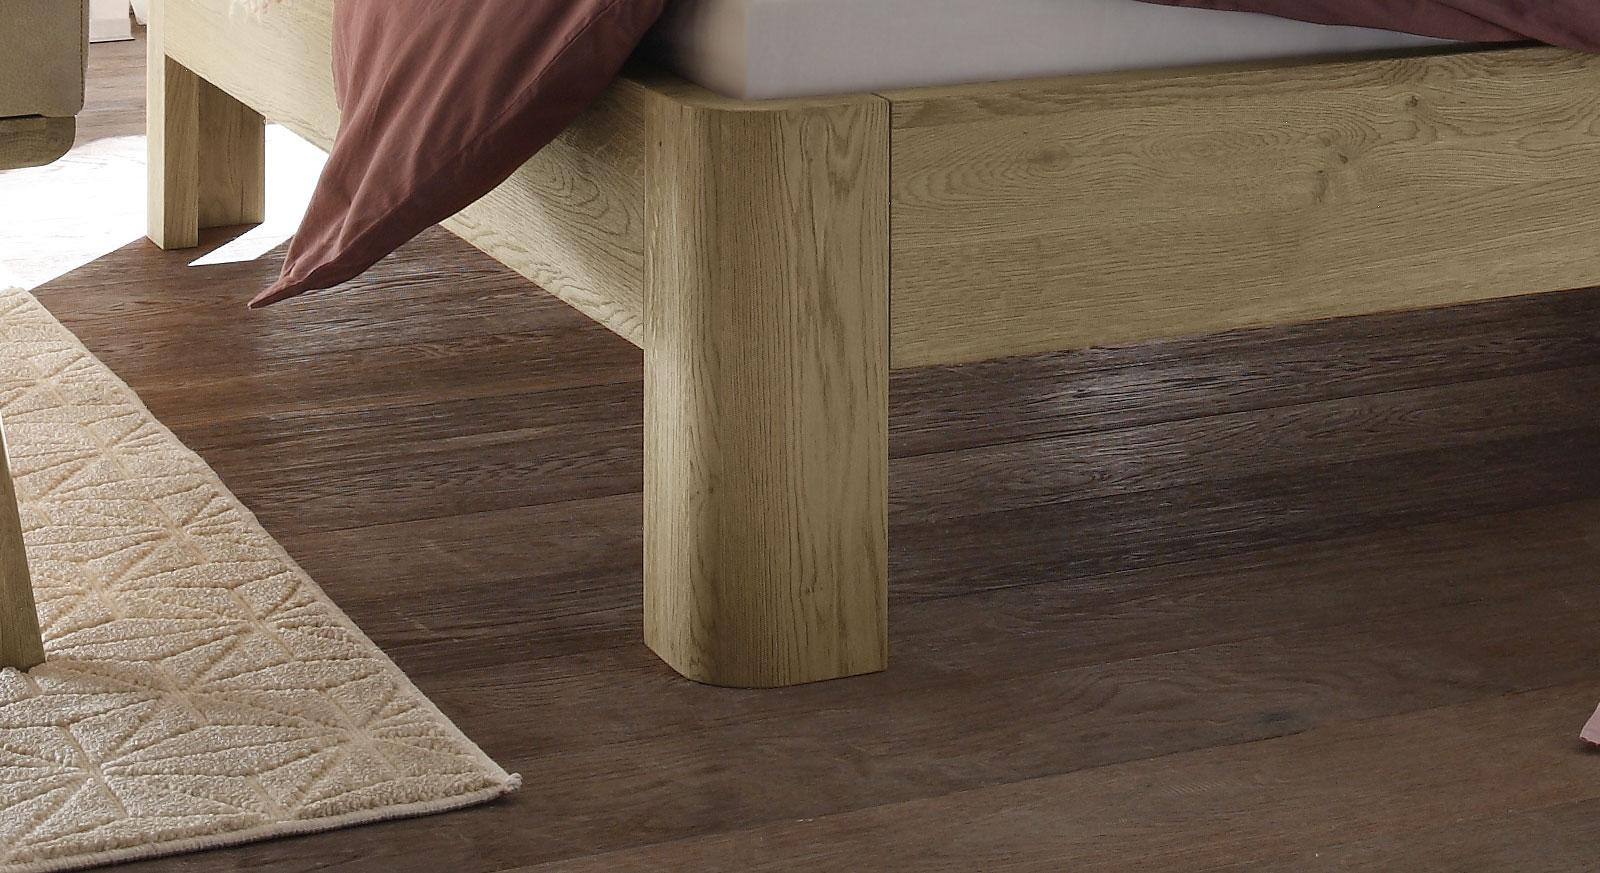 Bett Banco mit stabilen Holzfüßen